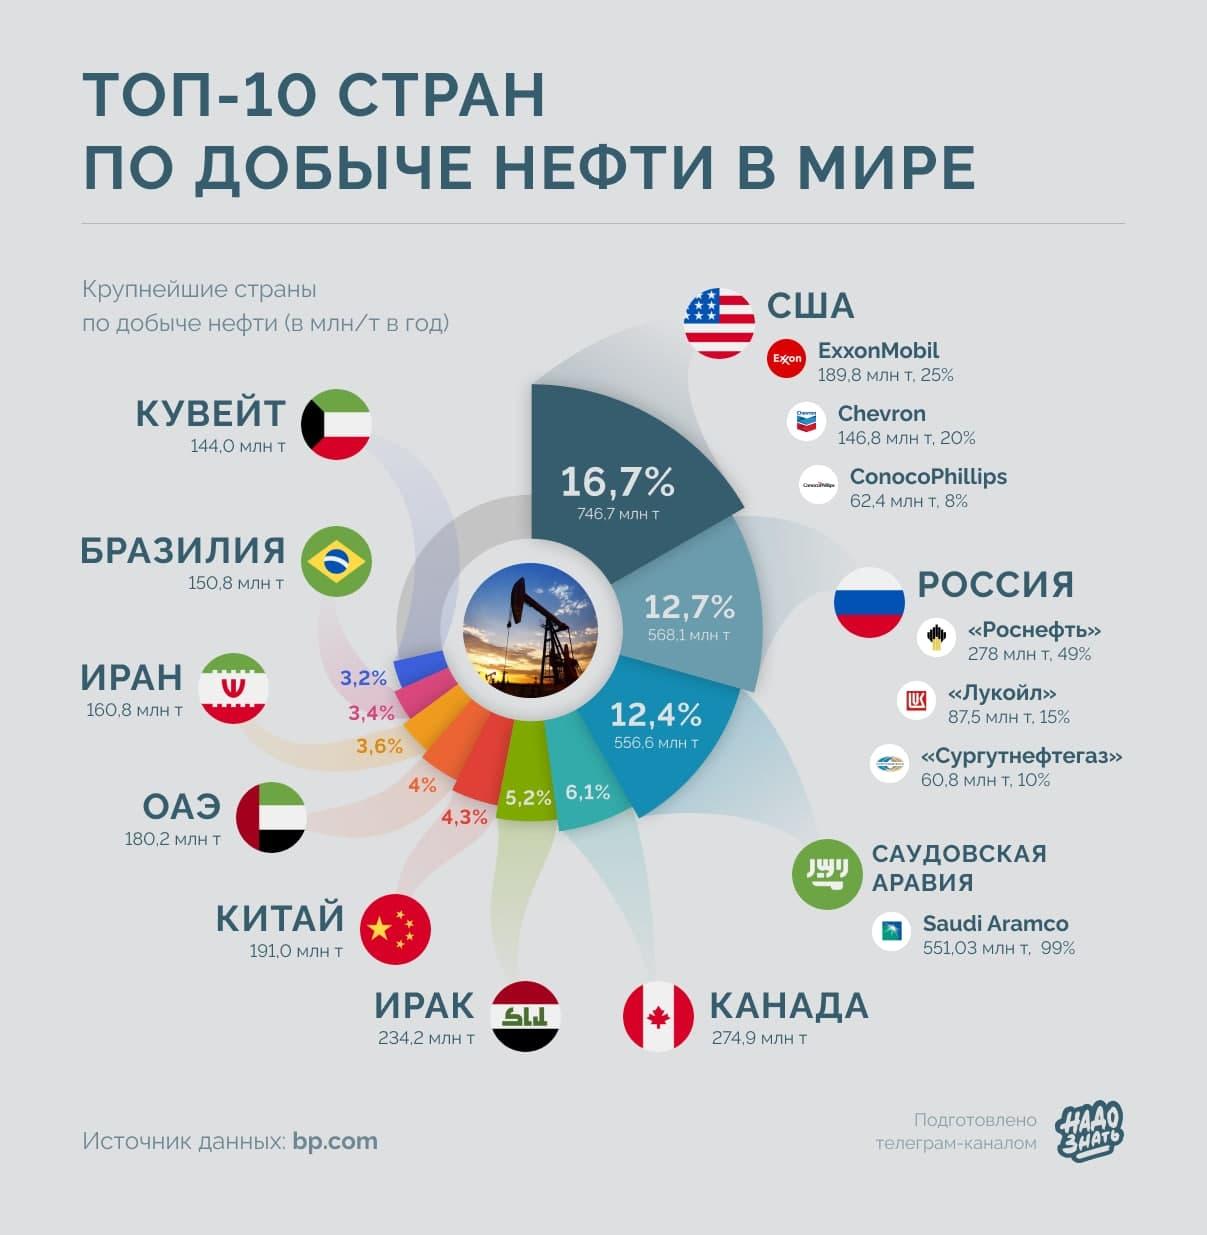 Топ-10 стран по добыче нефти в мире